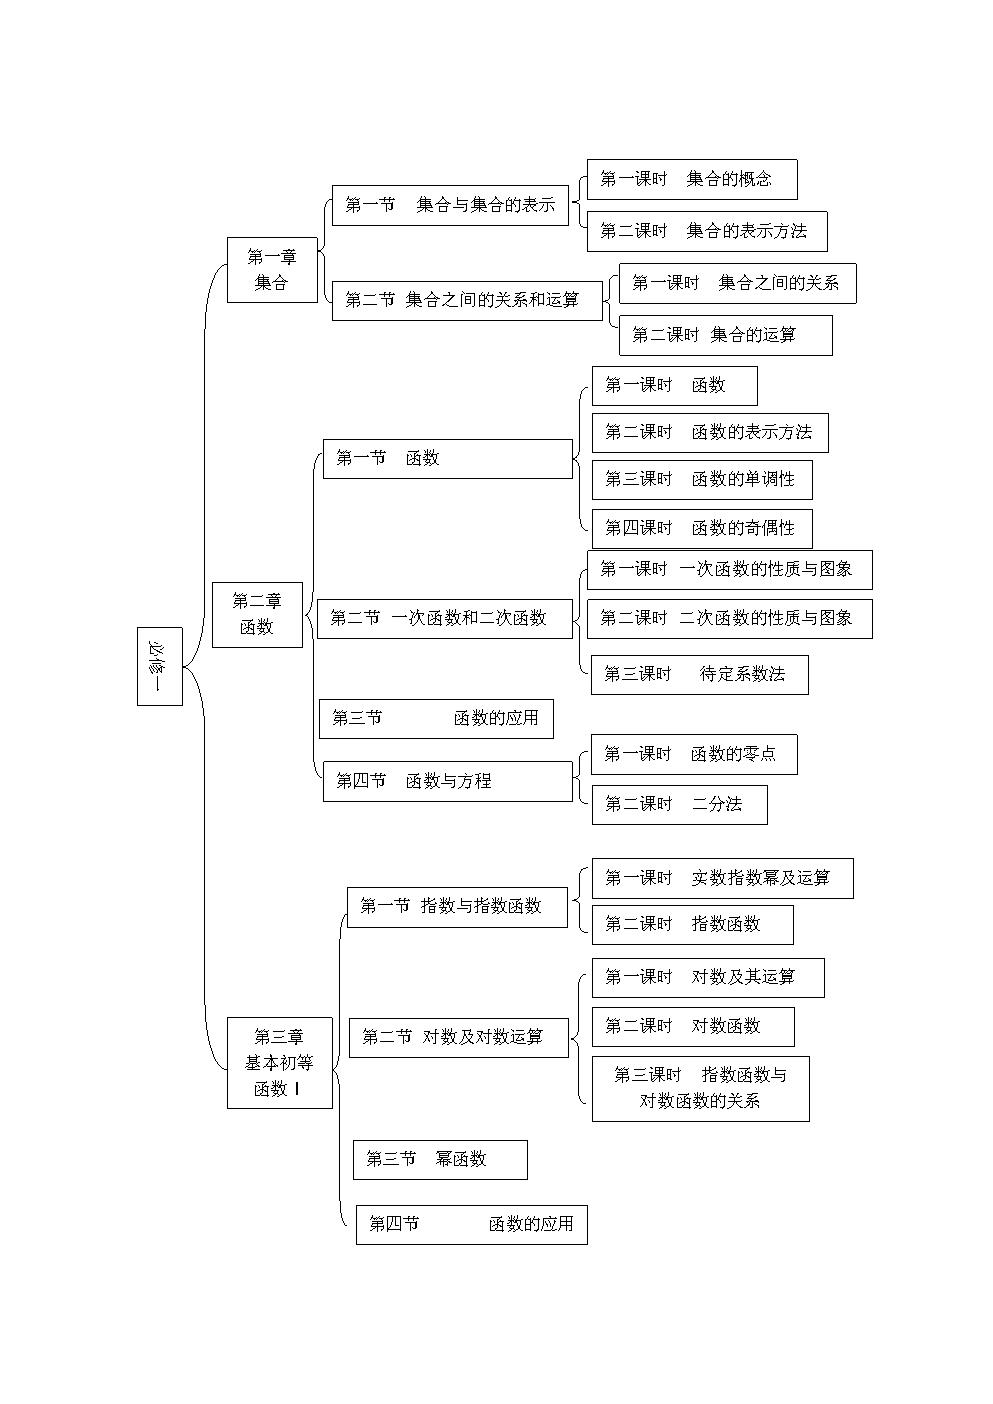 高一数学知识树状图.doc免费全文阅读图片